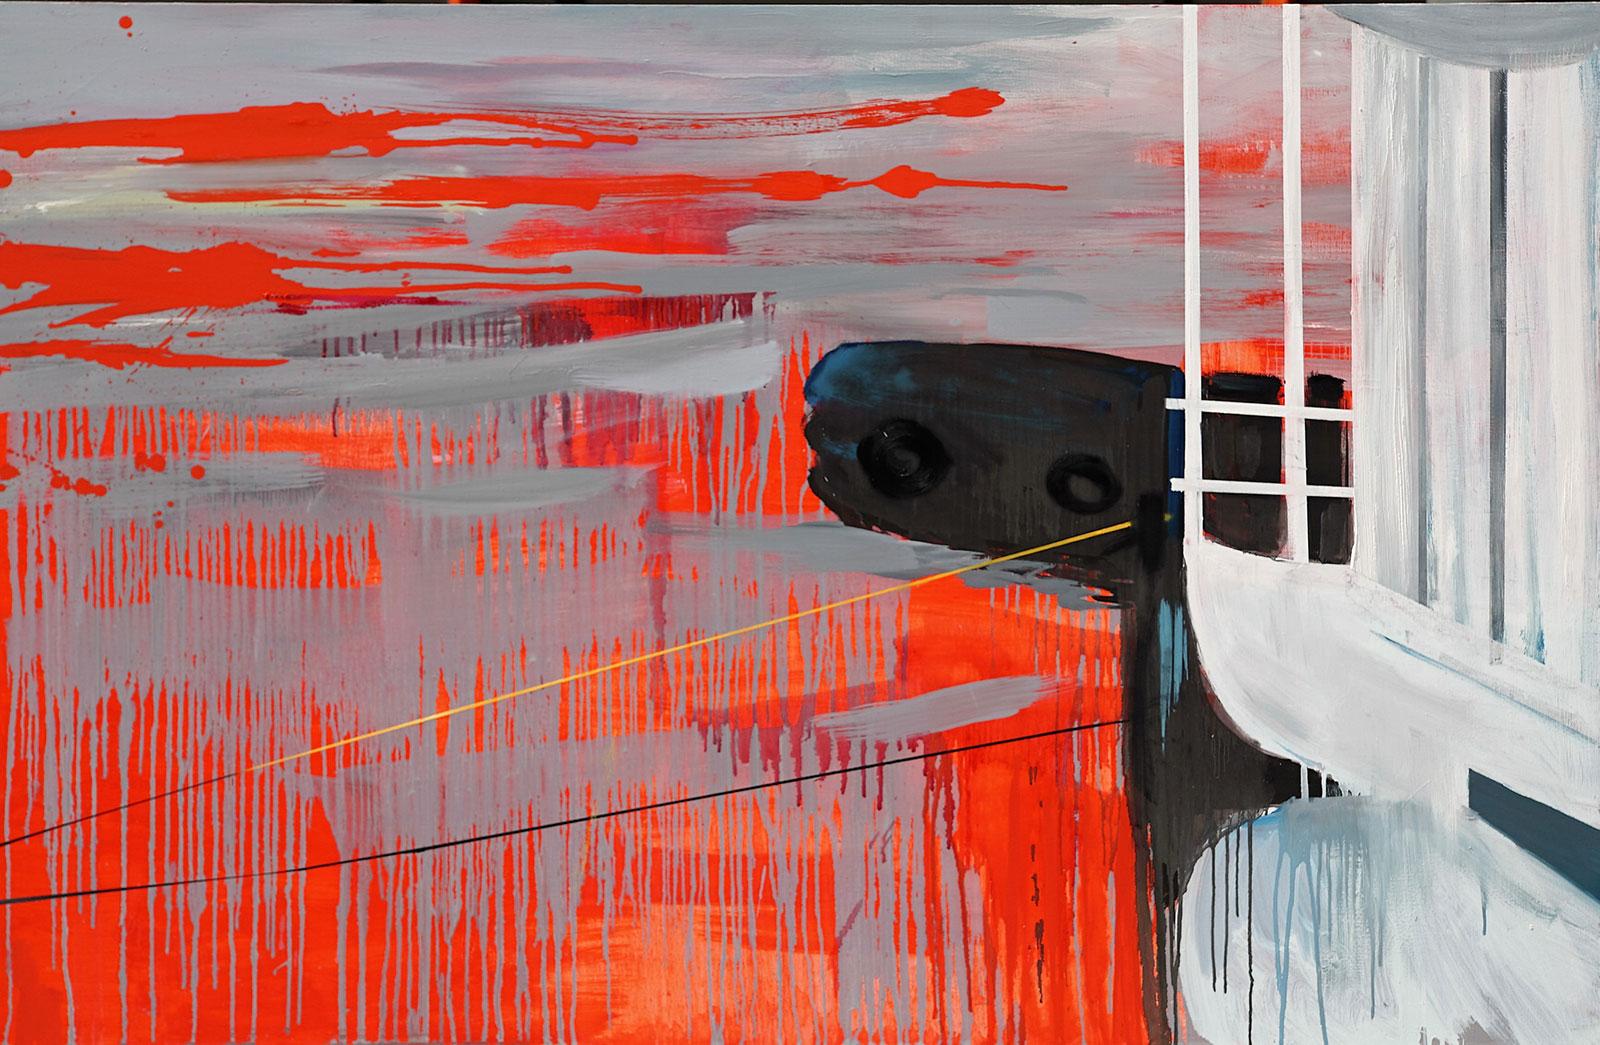 malerier, abstrakte, farverige, ekspressionistiske, landskab, natur, havet, sejlads, transportmidler, grå, røde, hvide,  bomuldslærred, olie, både, dansk, interiør, moderne, moderne-kunst, nordisk, sejlbåd, sceneri, skibe, fartøjer, vand, Køb original kunst og kunstplakater. Malerier, tegninger, limited edition kunsttryk & plakater af dygtige kunstnere.